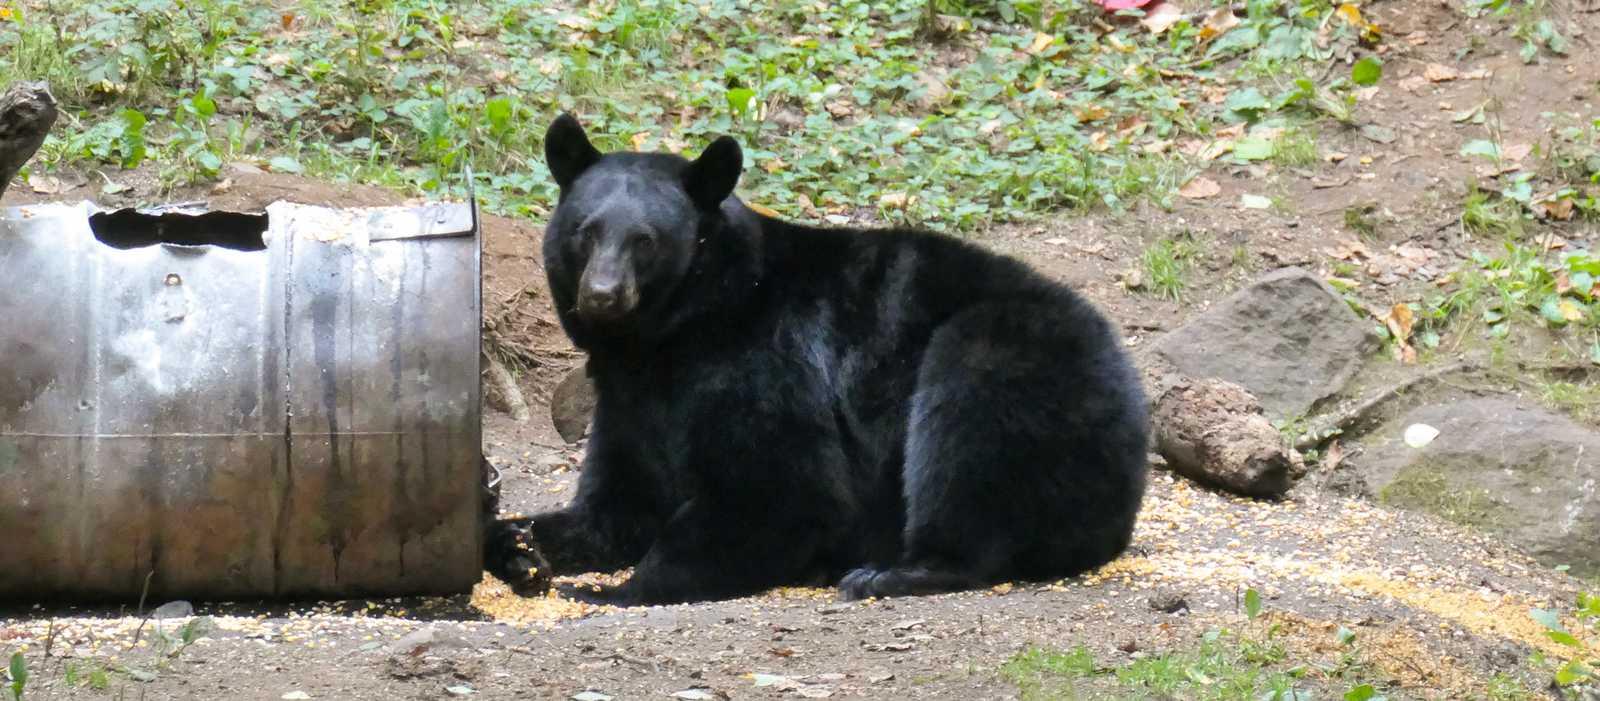 Bei einer Wanderung in Québec Schwarzbären entdecken